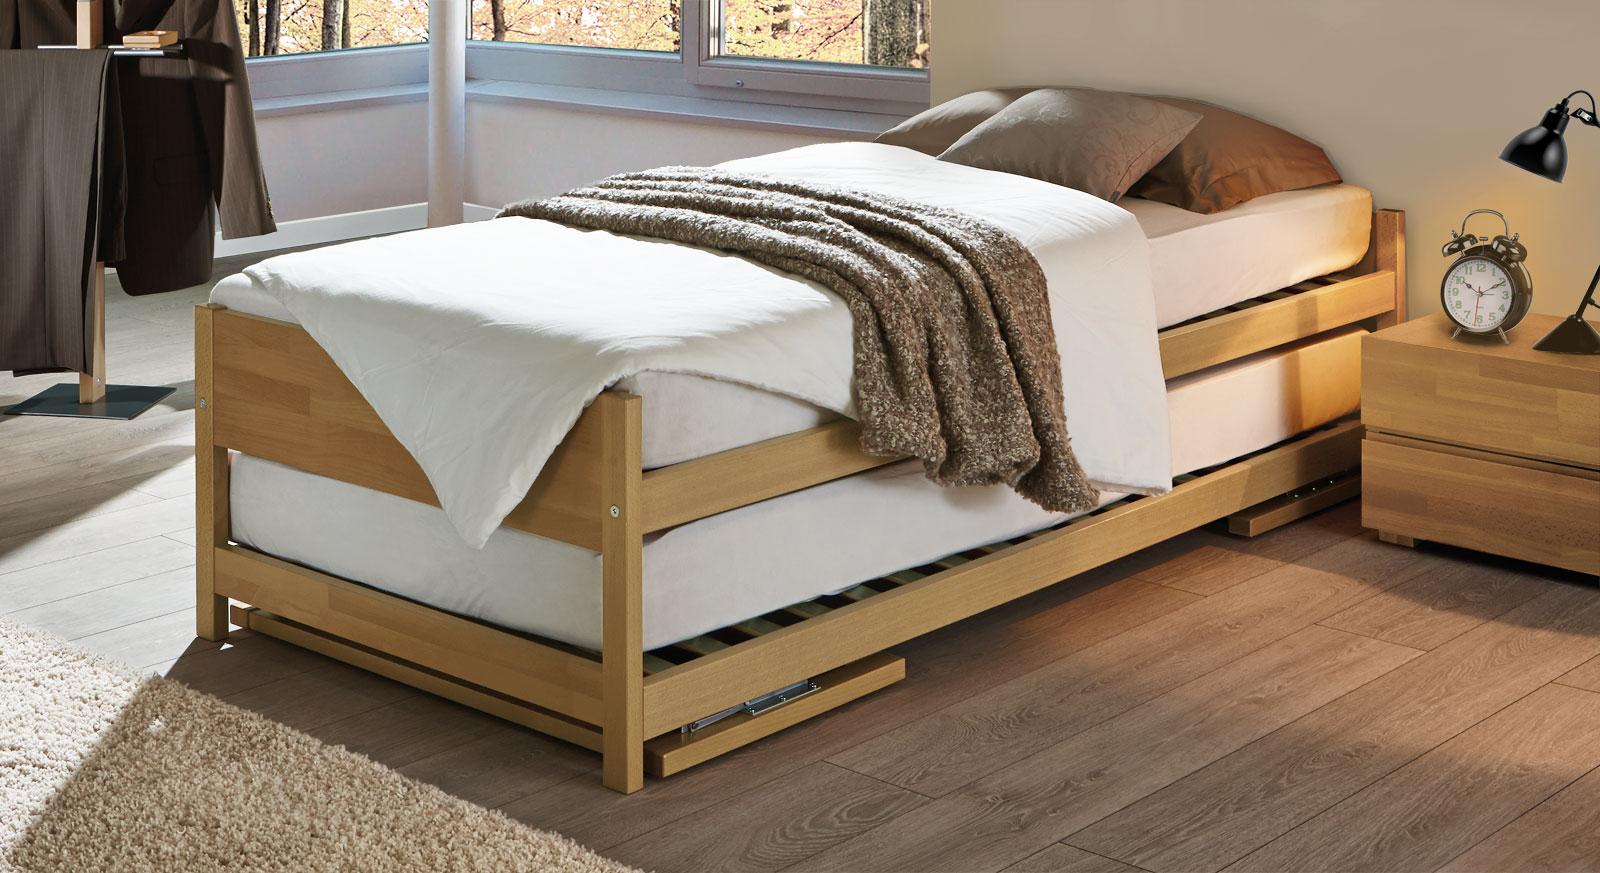 vielf ltig einsetzbare funktionsbetten im test und. Black Bedroom Furniture Sets. Home Design Ideas